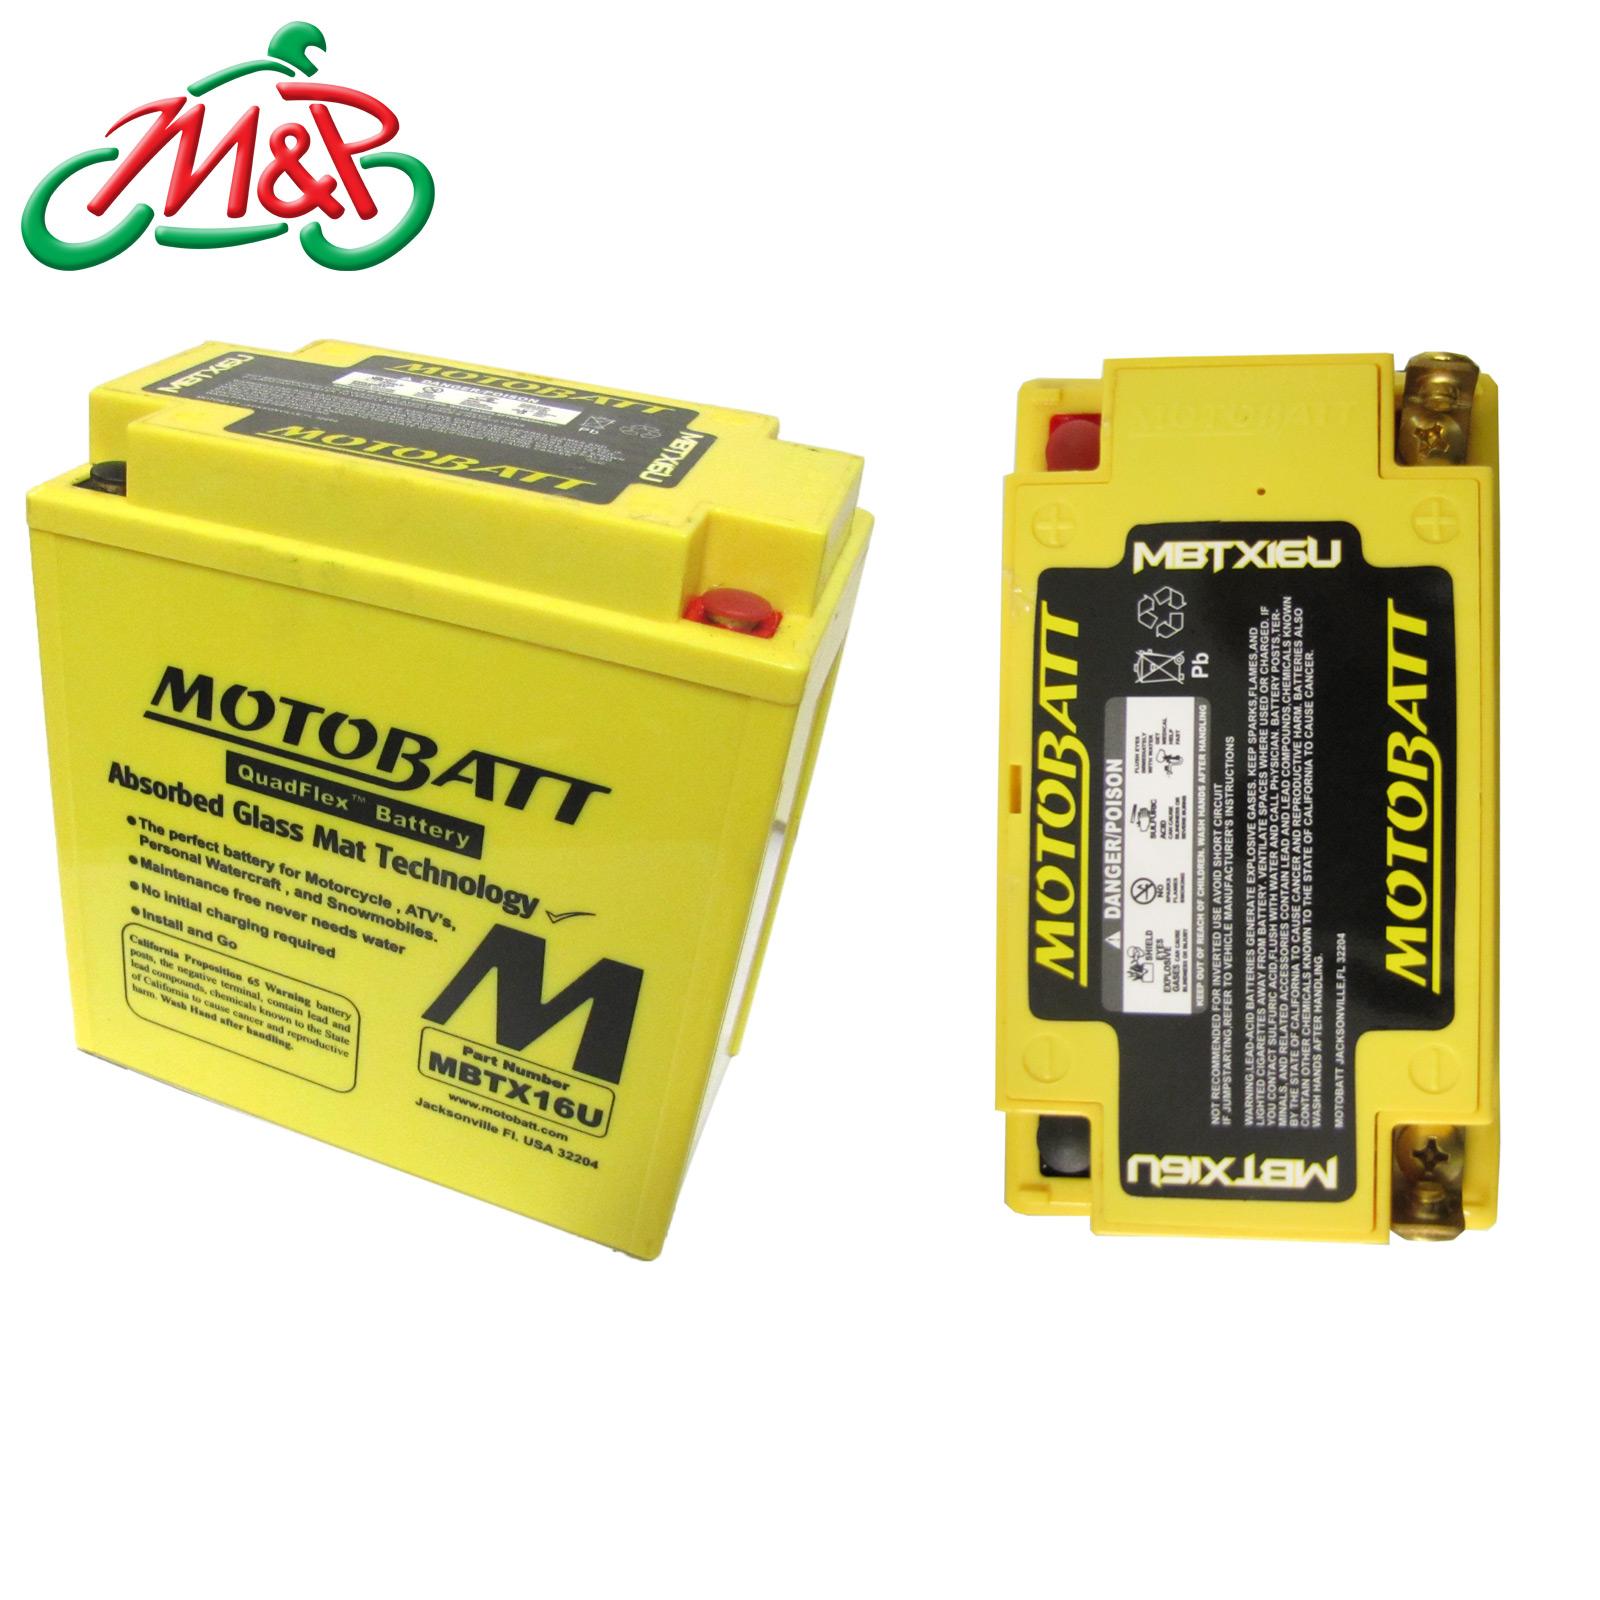 Suzuki Intruder Battery Terminals